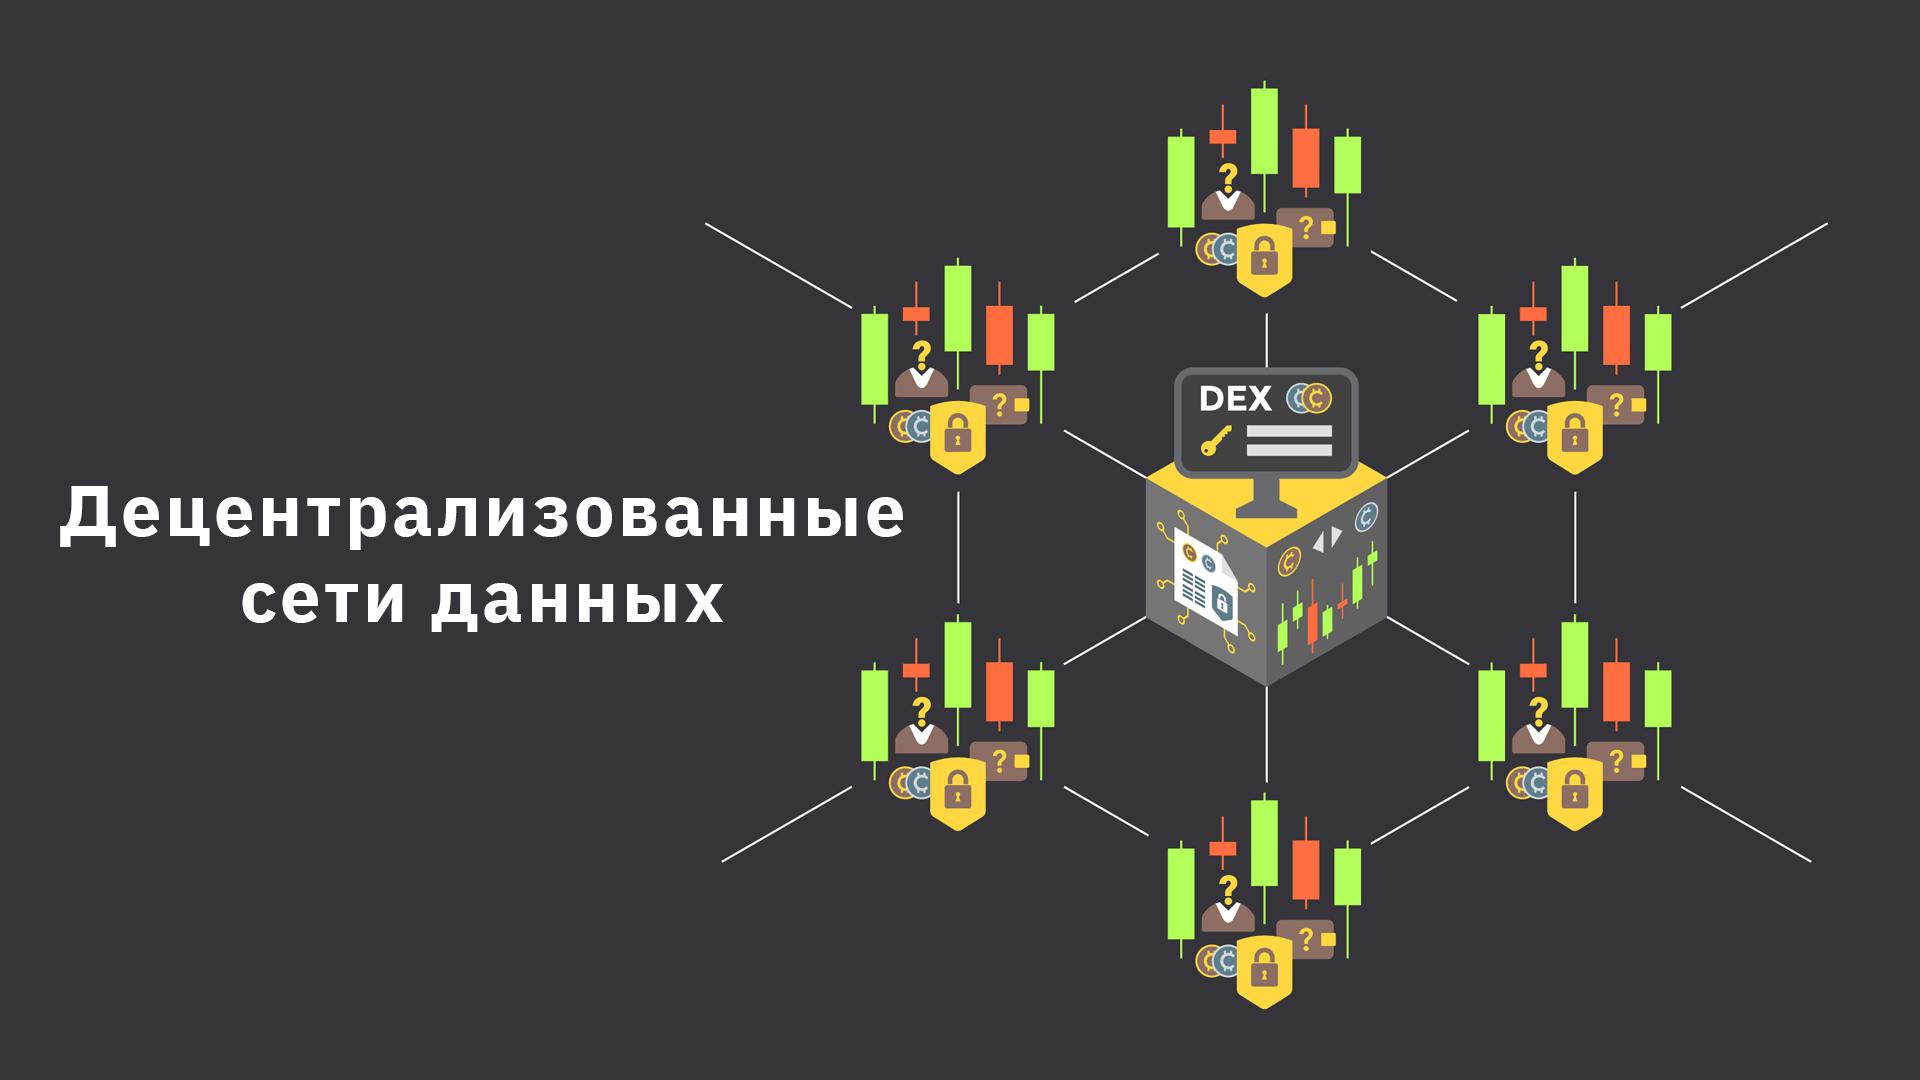 Как работают децентрализованные сети хранения данных?